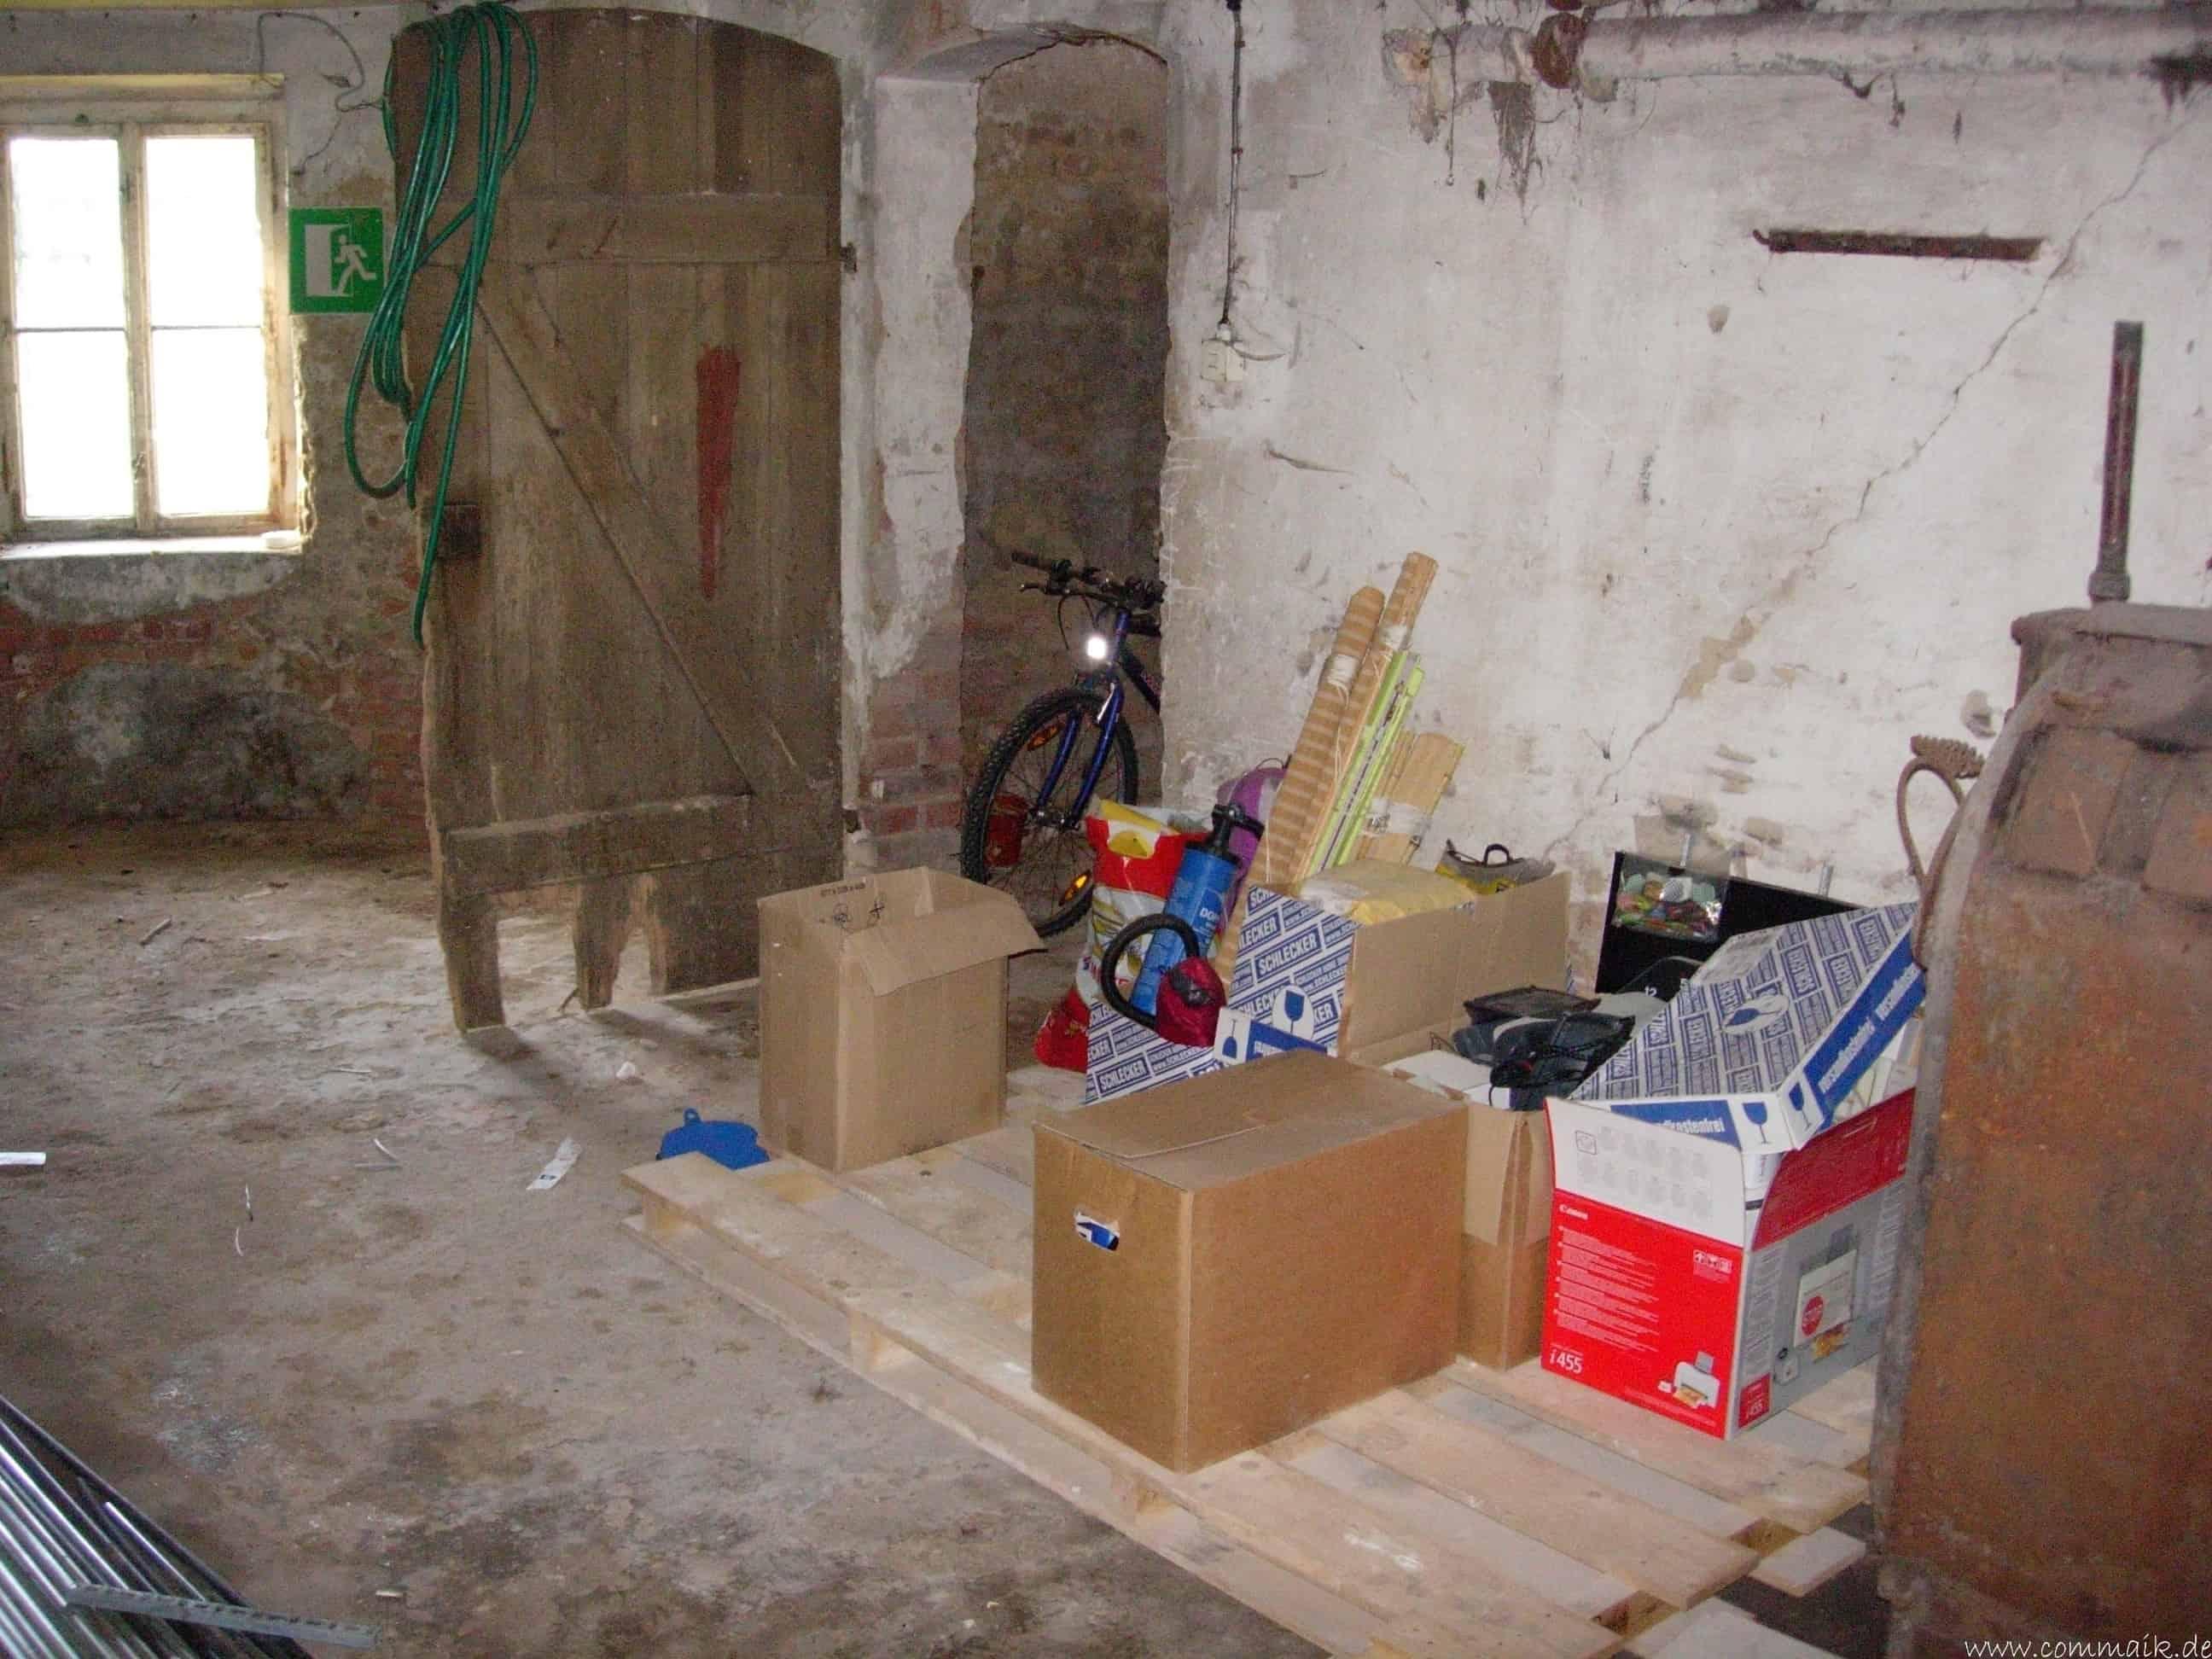 Hervorragend Partyraum Im Keller